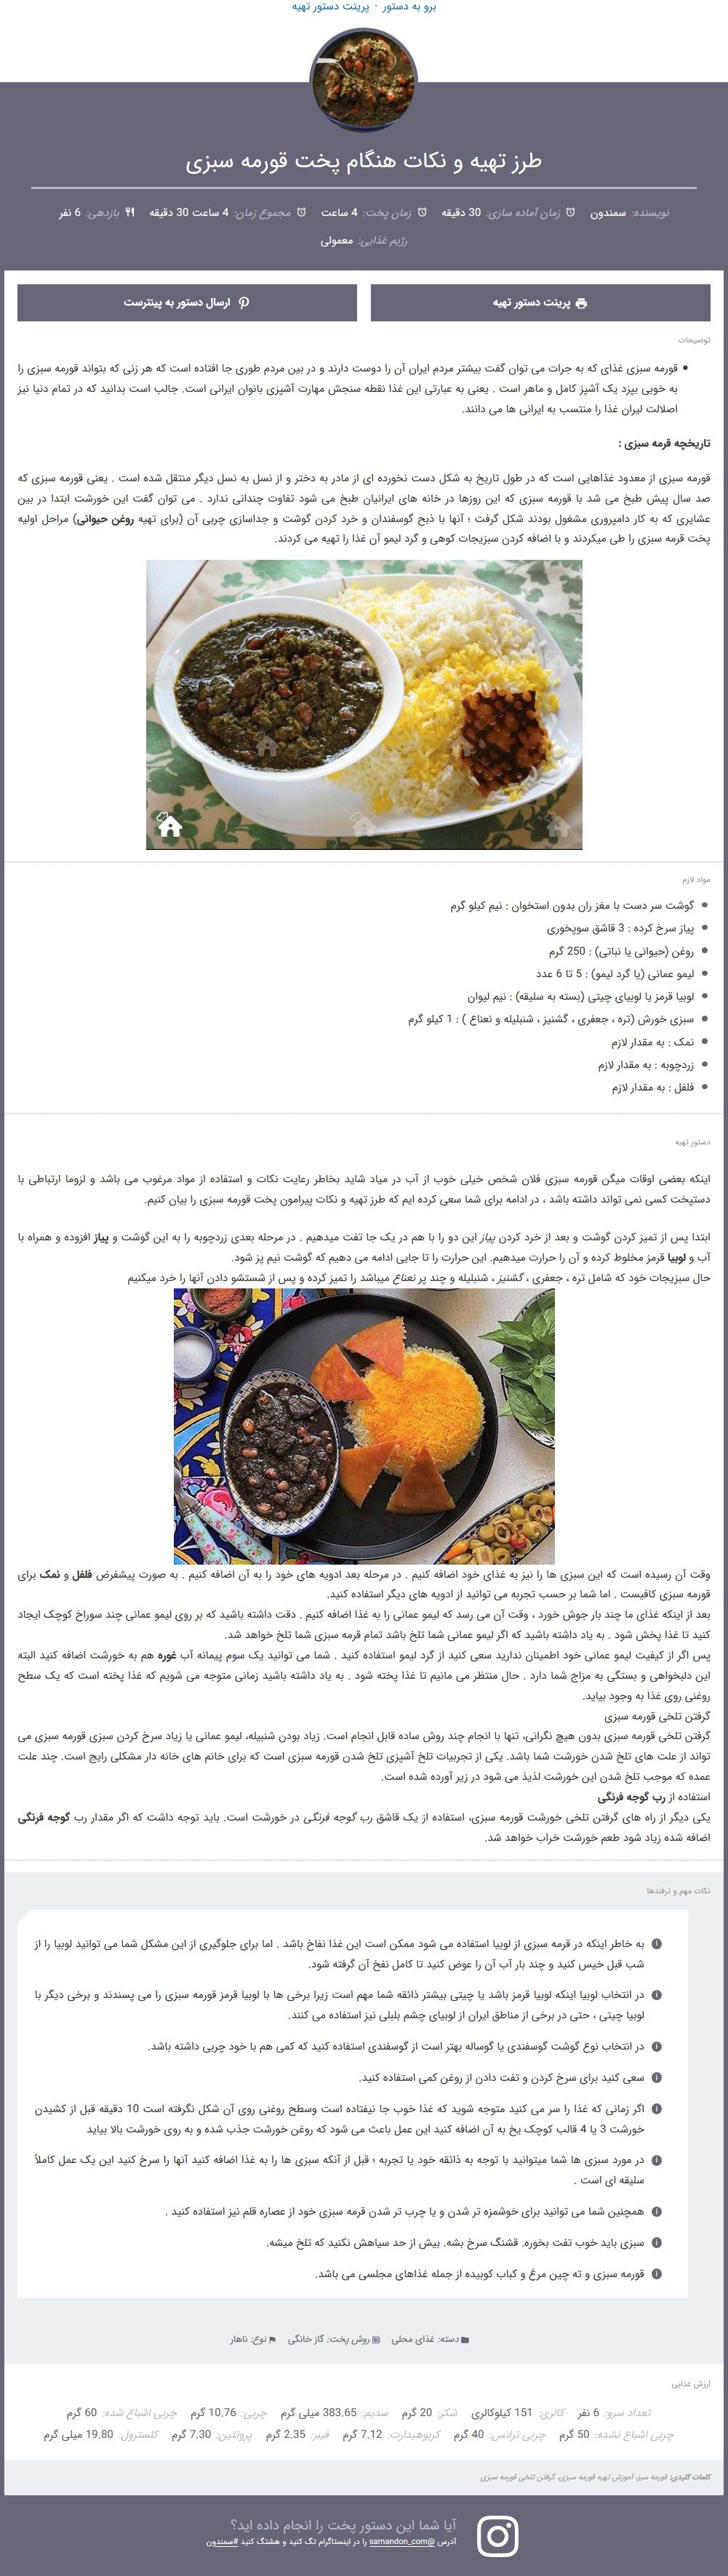 نمونه ساخت دستور پخت غذا با افزونه Tasty Recipes